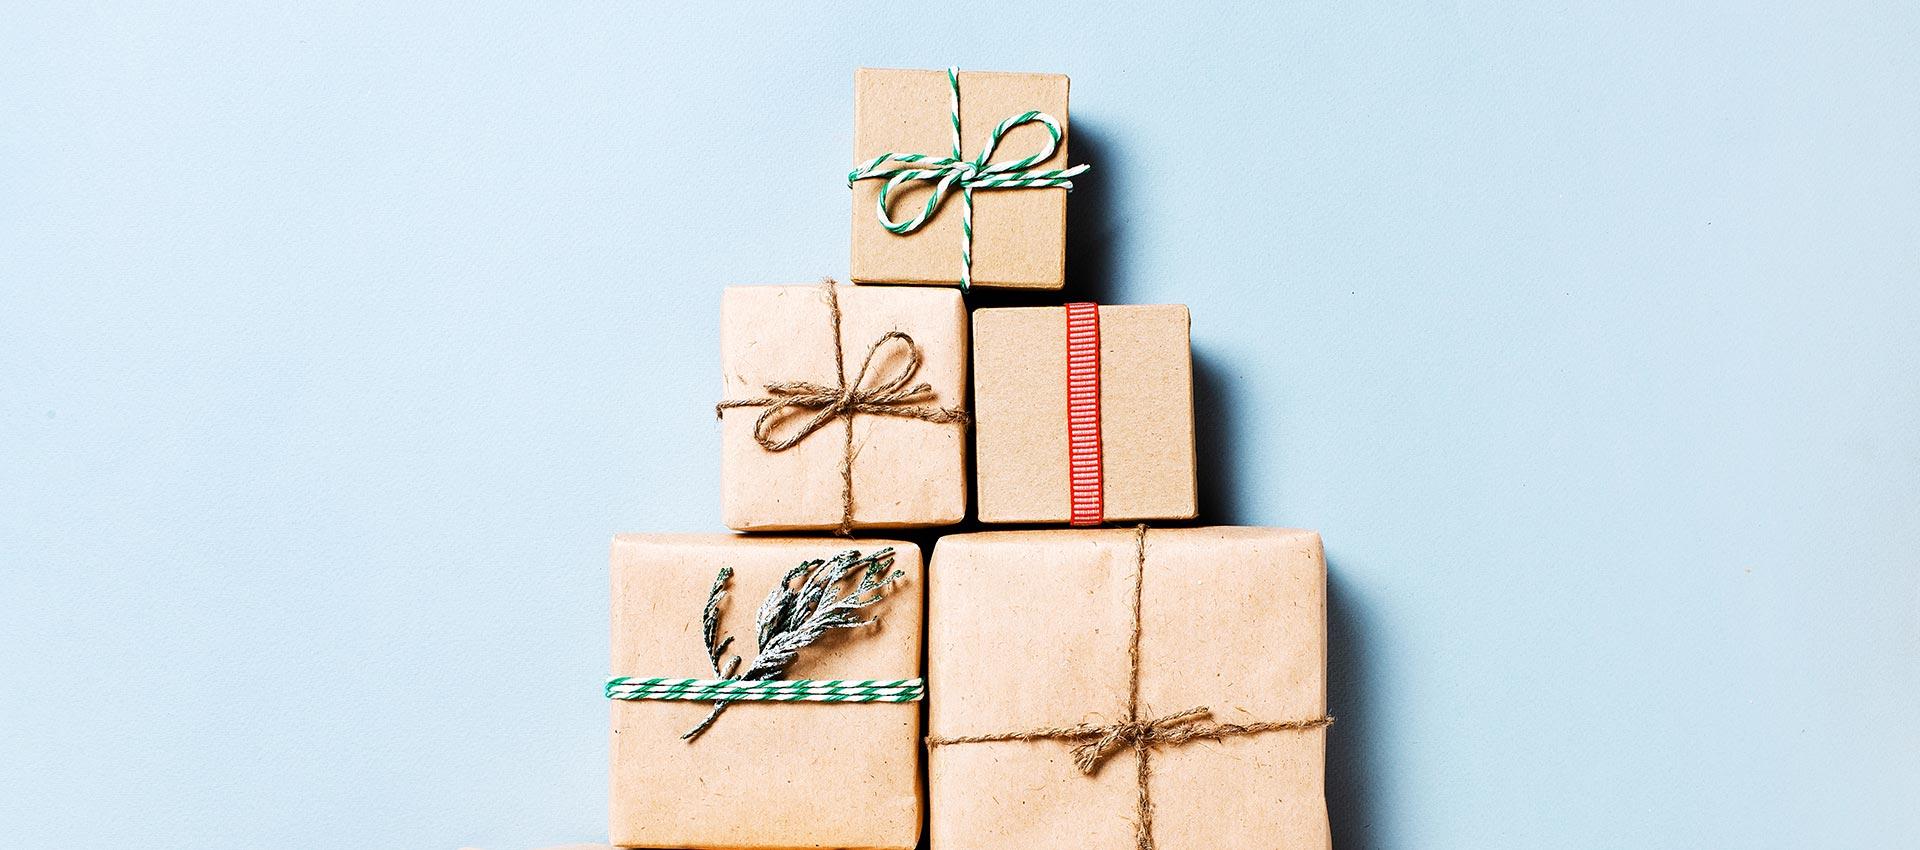 Spezielle Holz-Geschenke